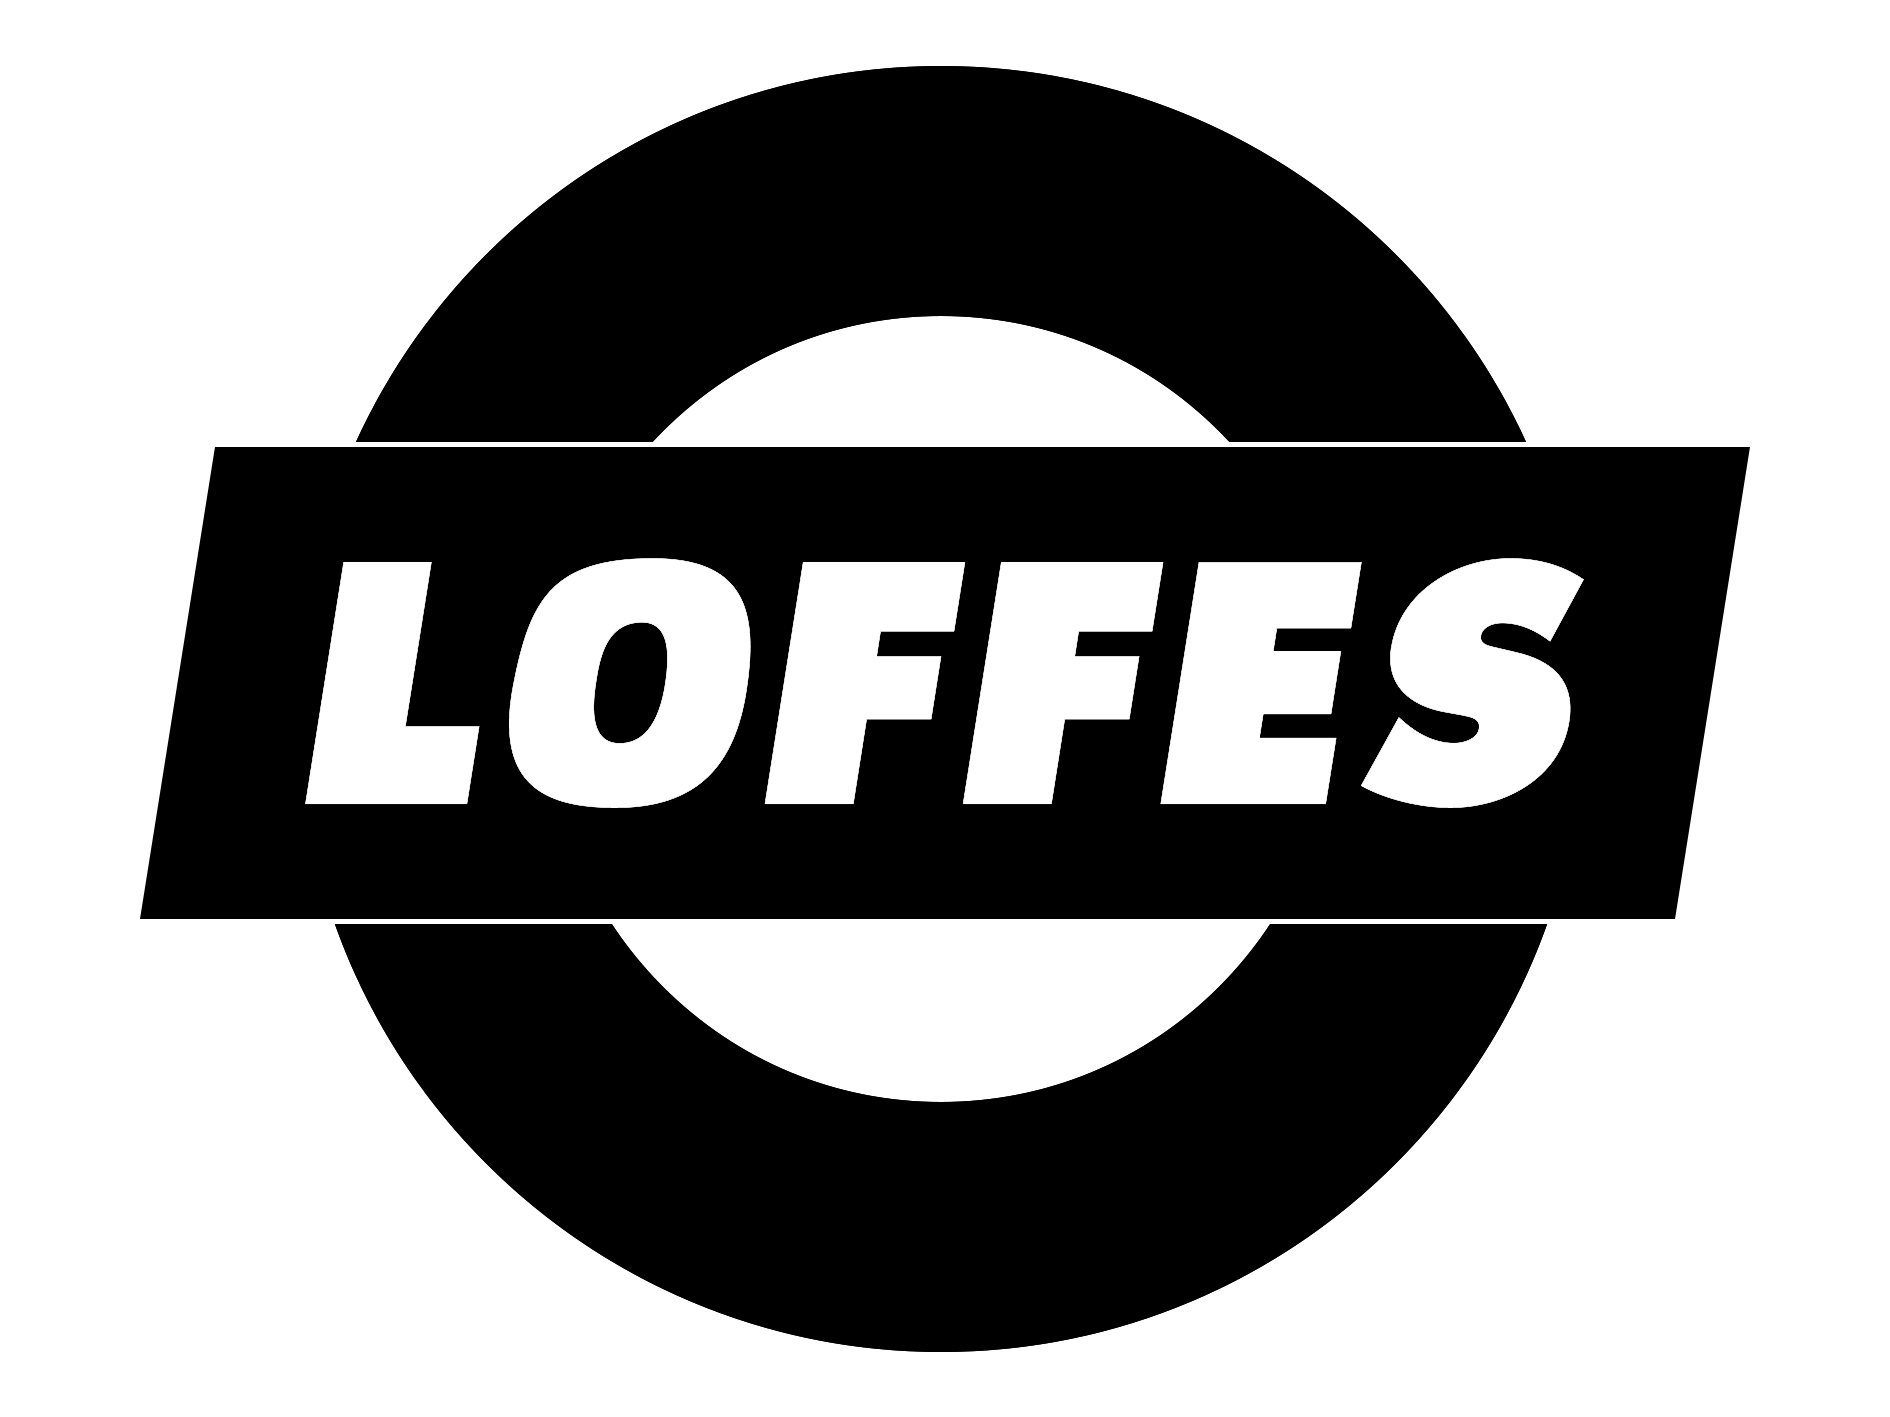 Loffes Maskin & Specialtransporter